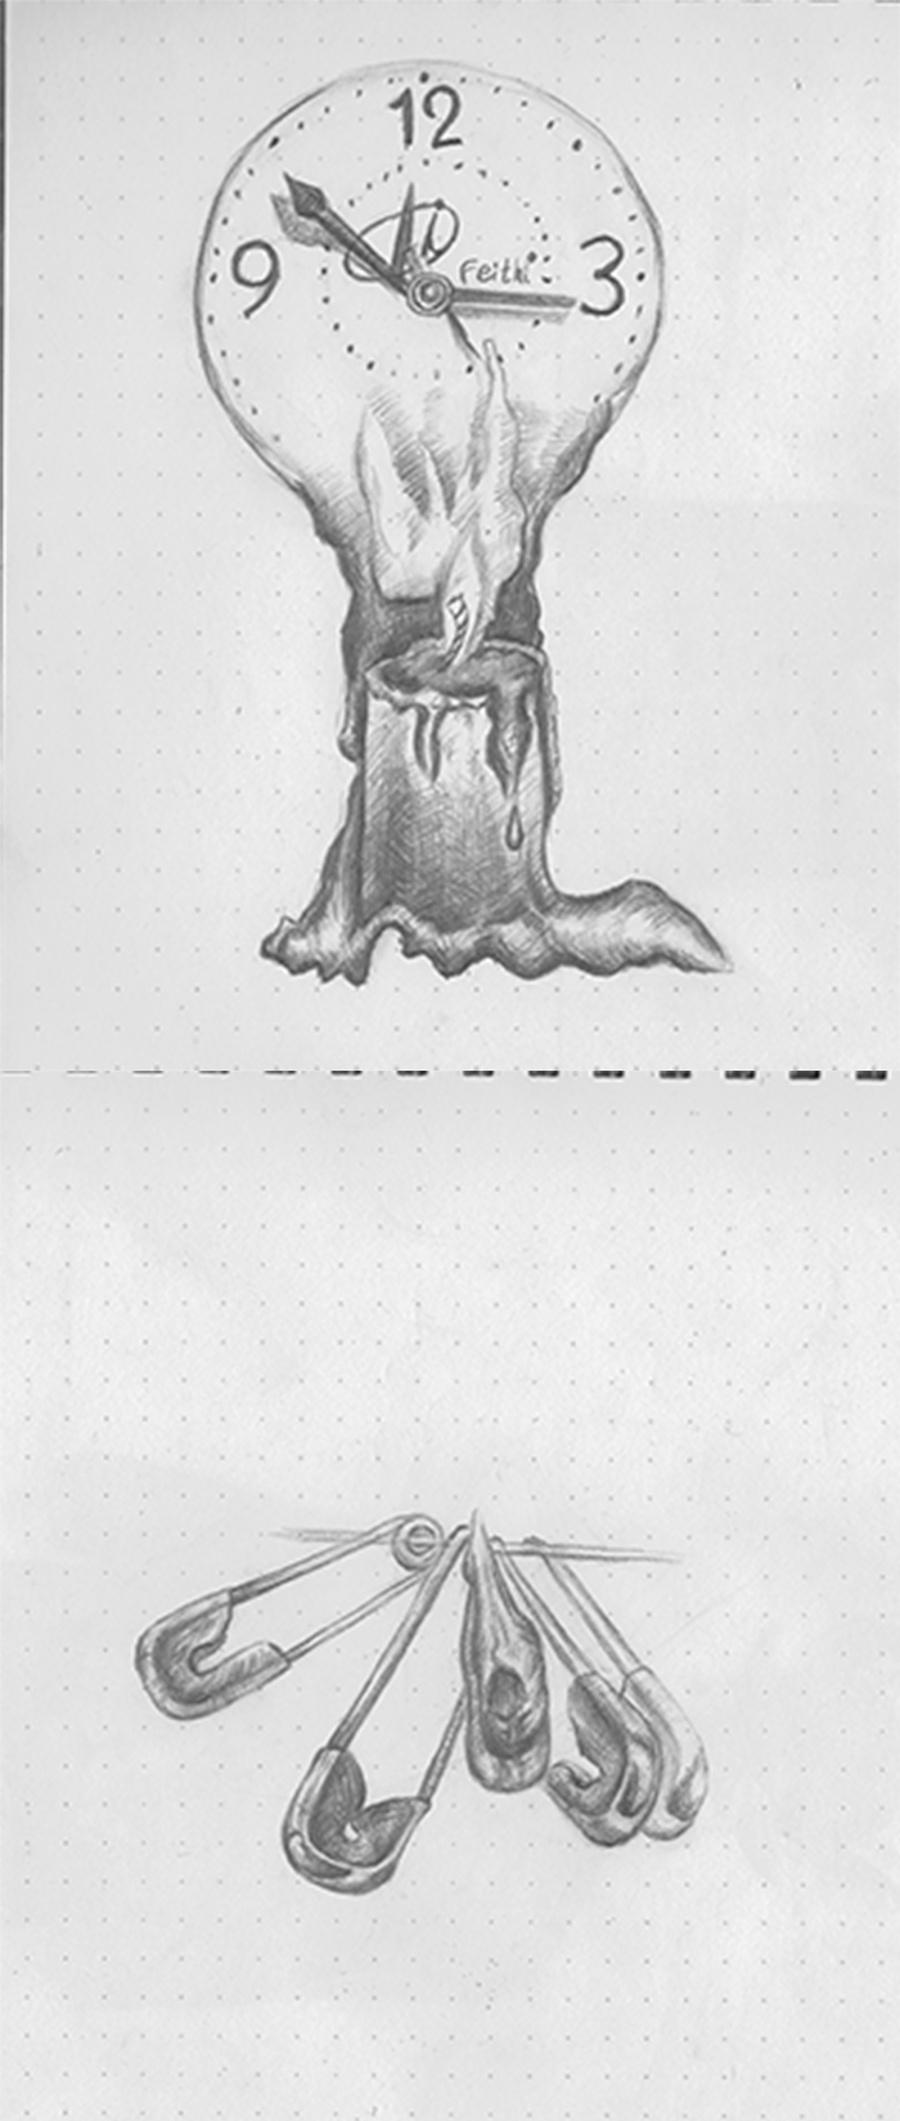 原创作品:手绘素描图片